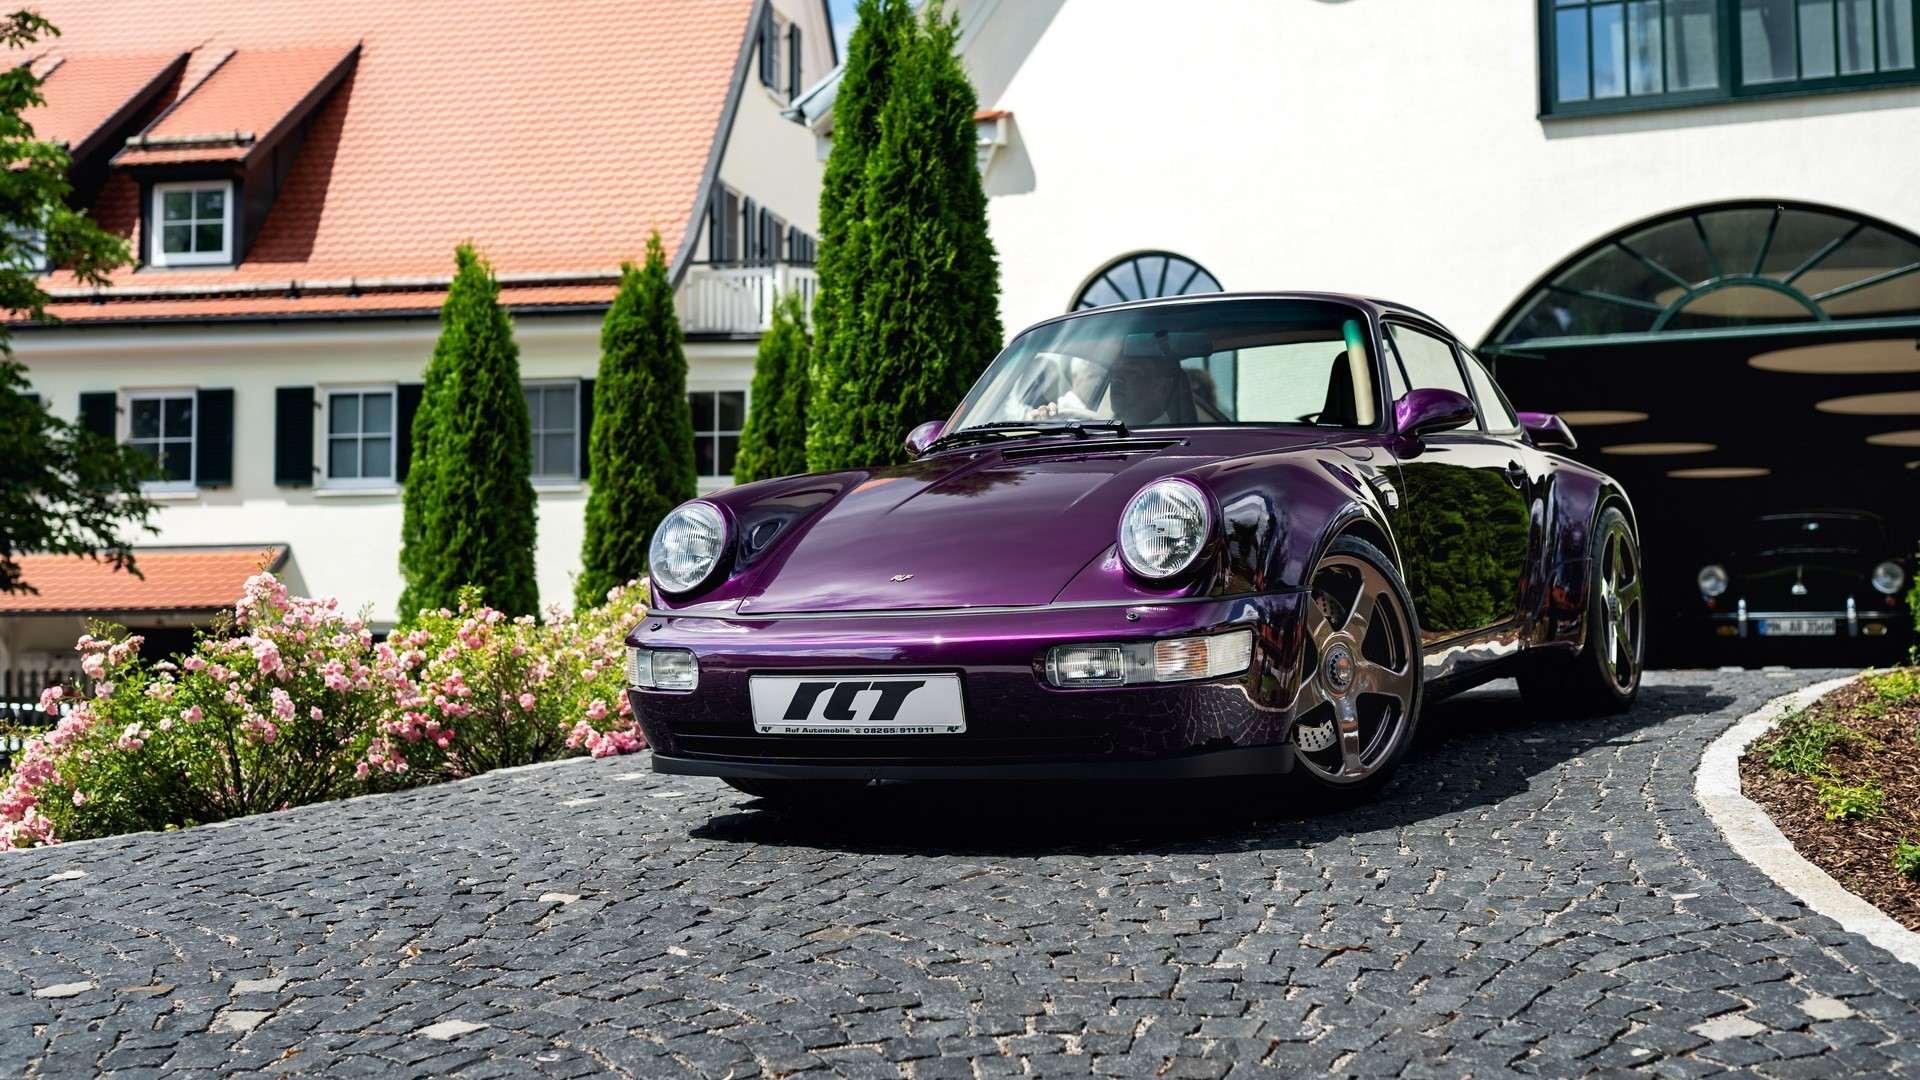 El RUF RCT Evo es, quizá, el Porsche 911 (964) de nuestros sueños